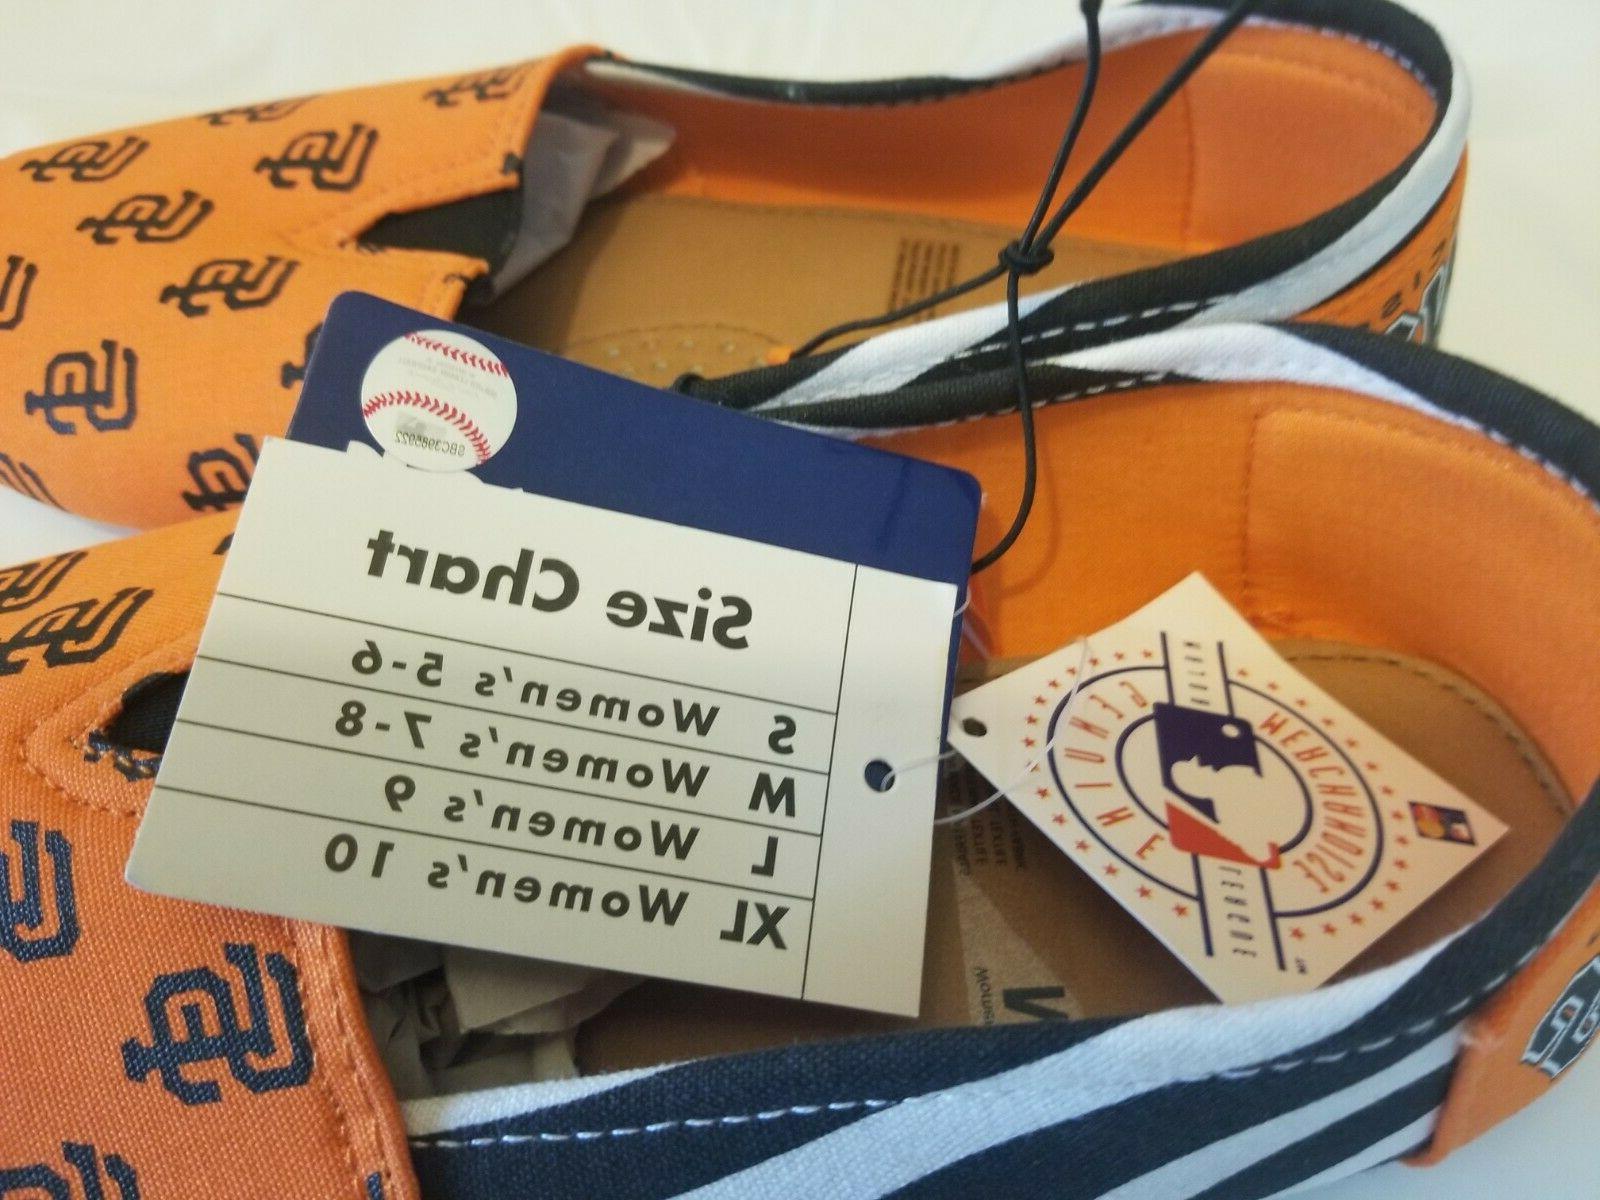 San Canvas Medium - 8 MLB FOCO